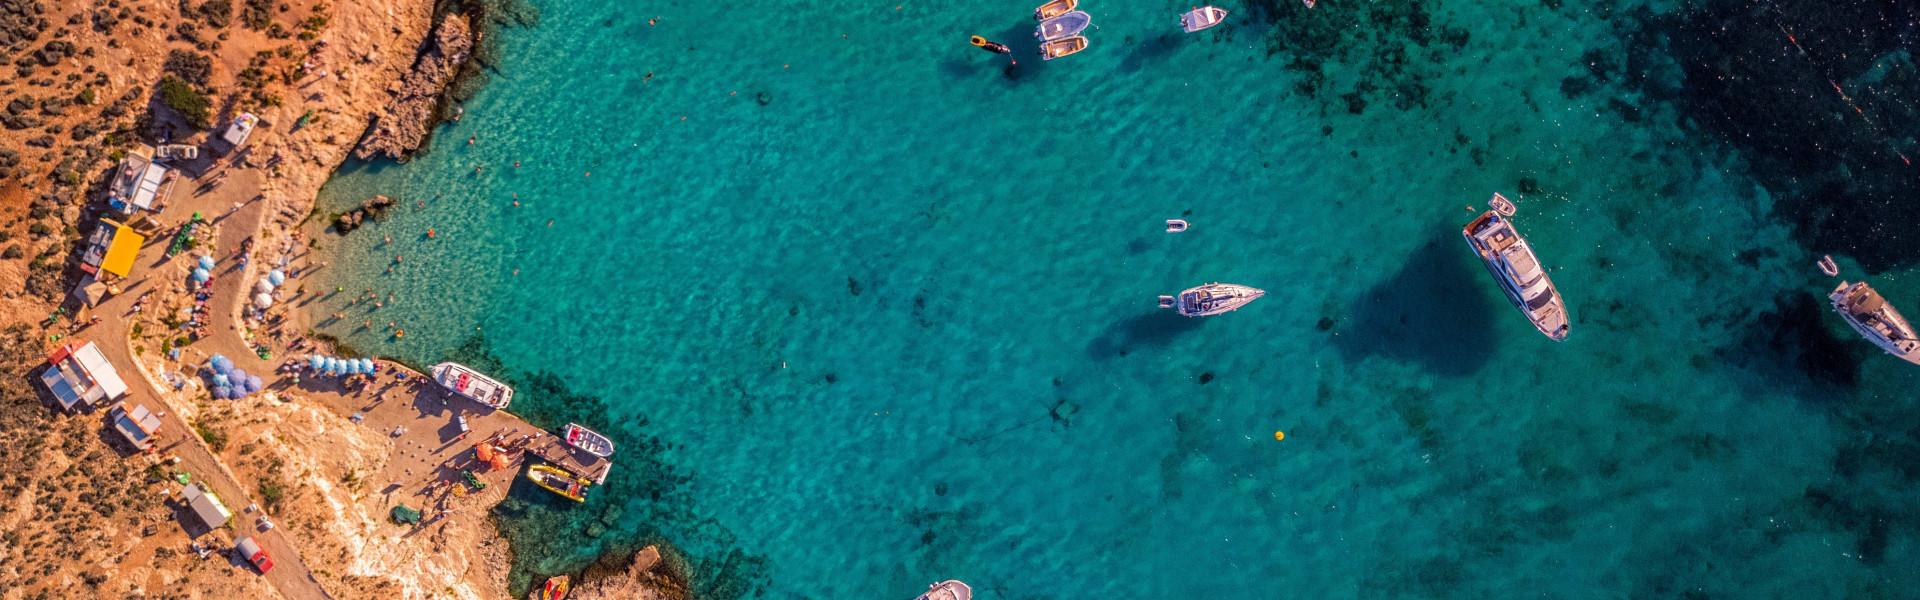 Main image of1 semaine à Malte: entre farniente et culturee